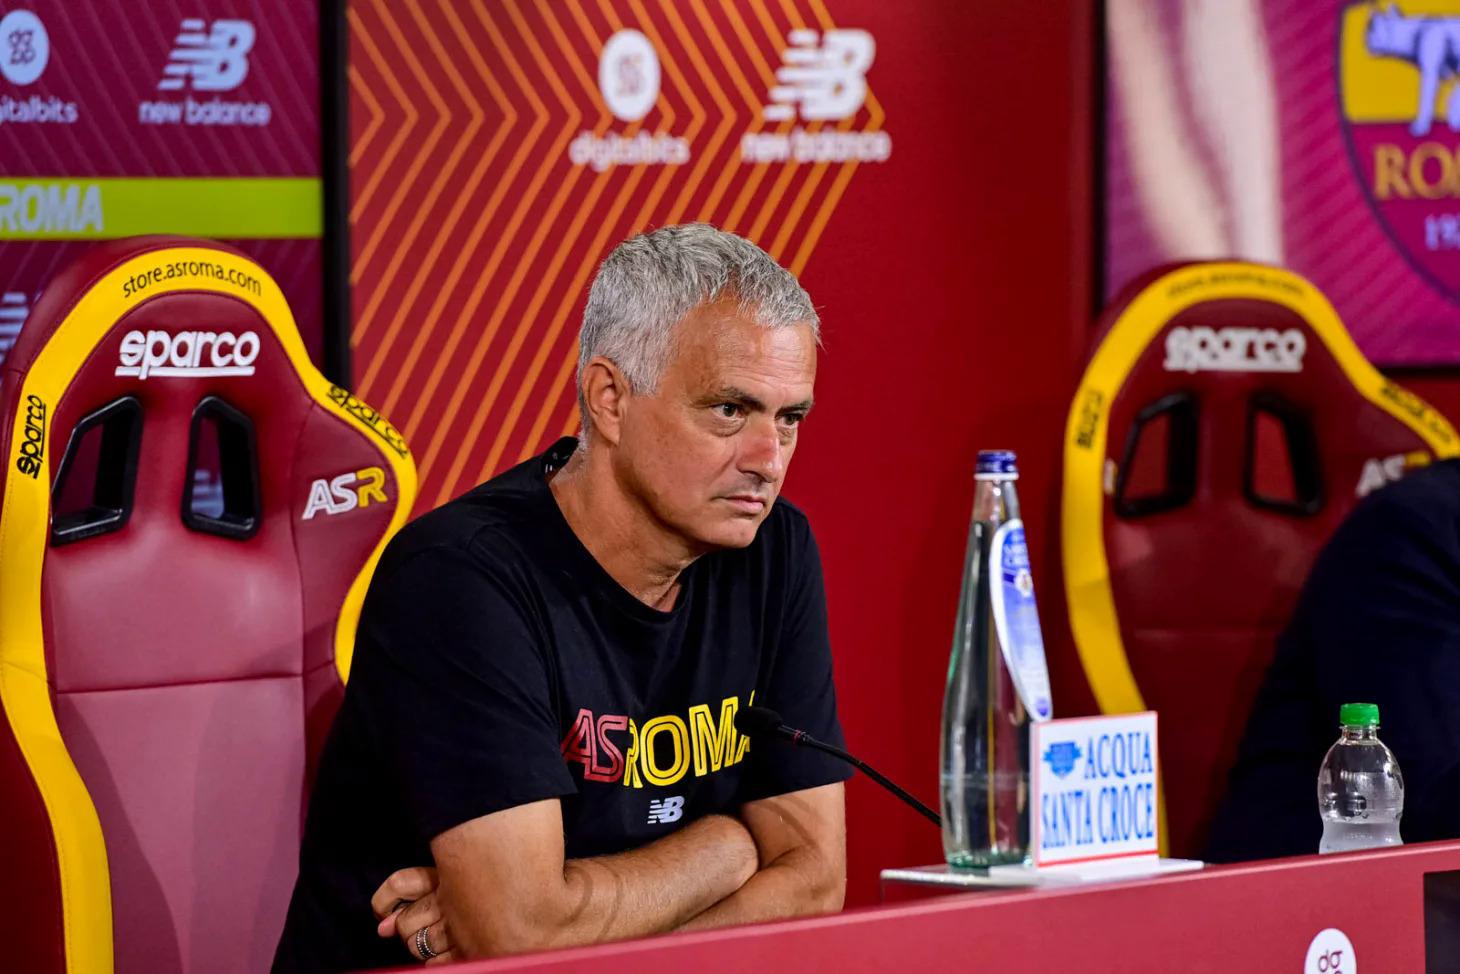 Mourinho tỏ ra thân thiện với truyền thông Italy khi trở lại dẫn dắt Roma từ đầu hè này. Ảnh: asroma.com